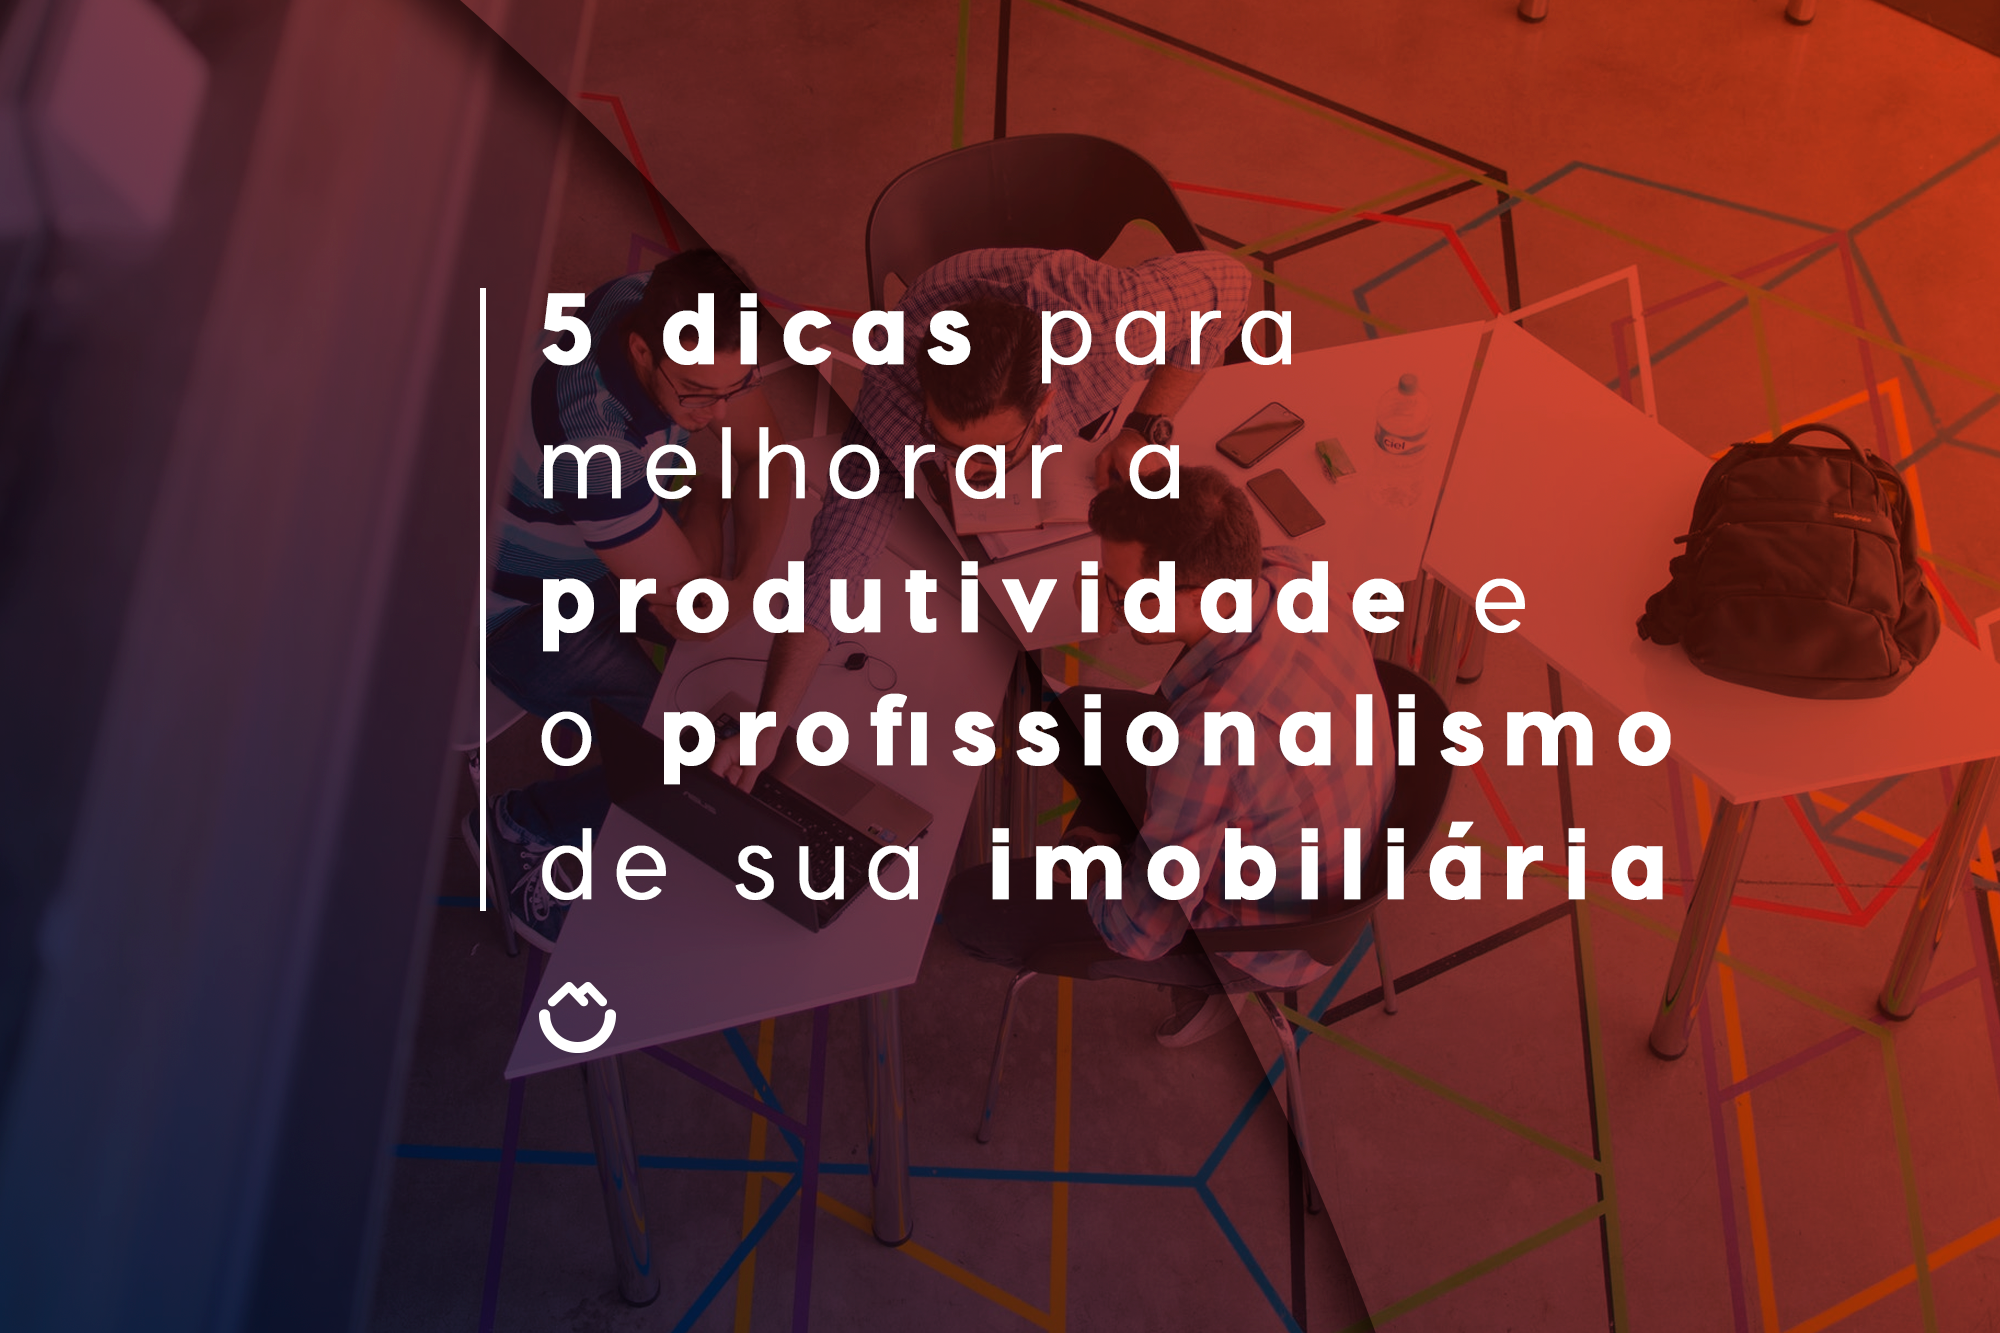 5 dicas para melhorar a produtividade e o profissionalismo de sua imobiliária